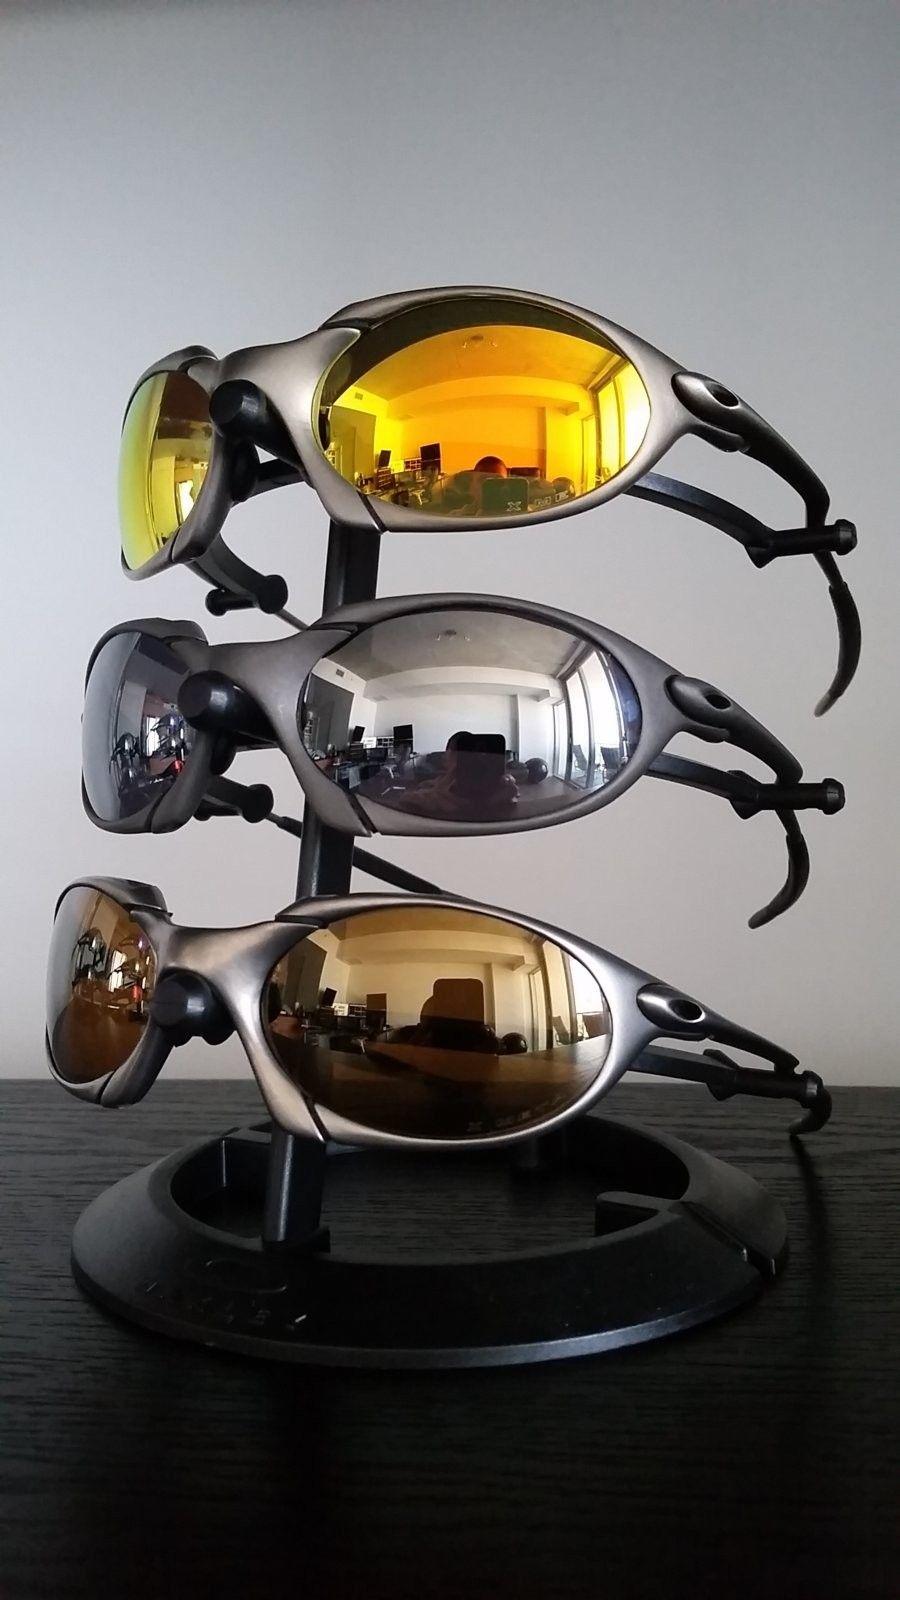 7992bcab3 Oculos Juliet, Pulseiras, Óculos De Sol Da Oakley, Óculos De Sol Para  Mulheres